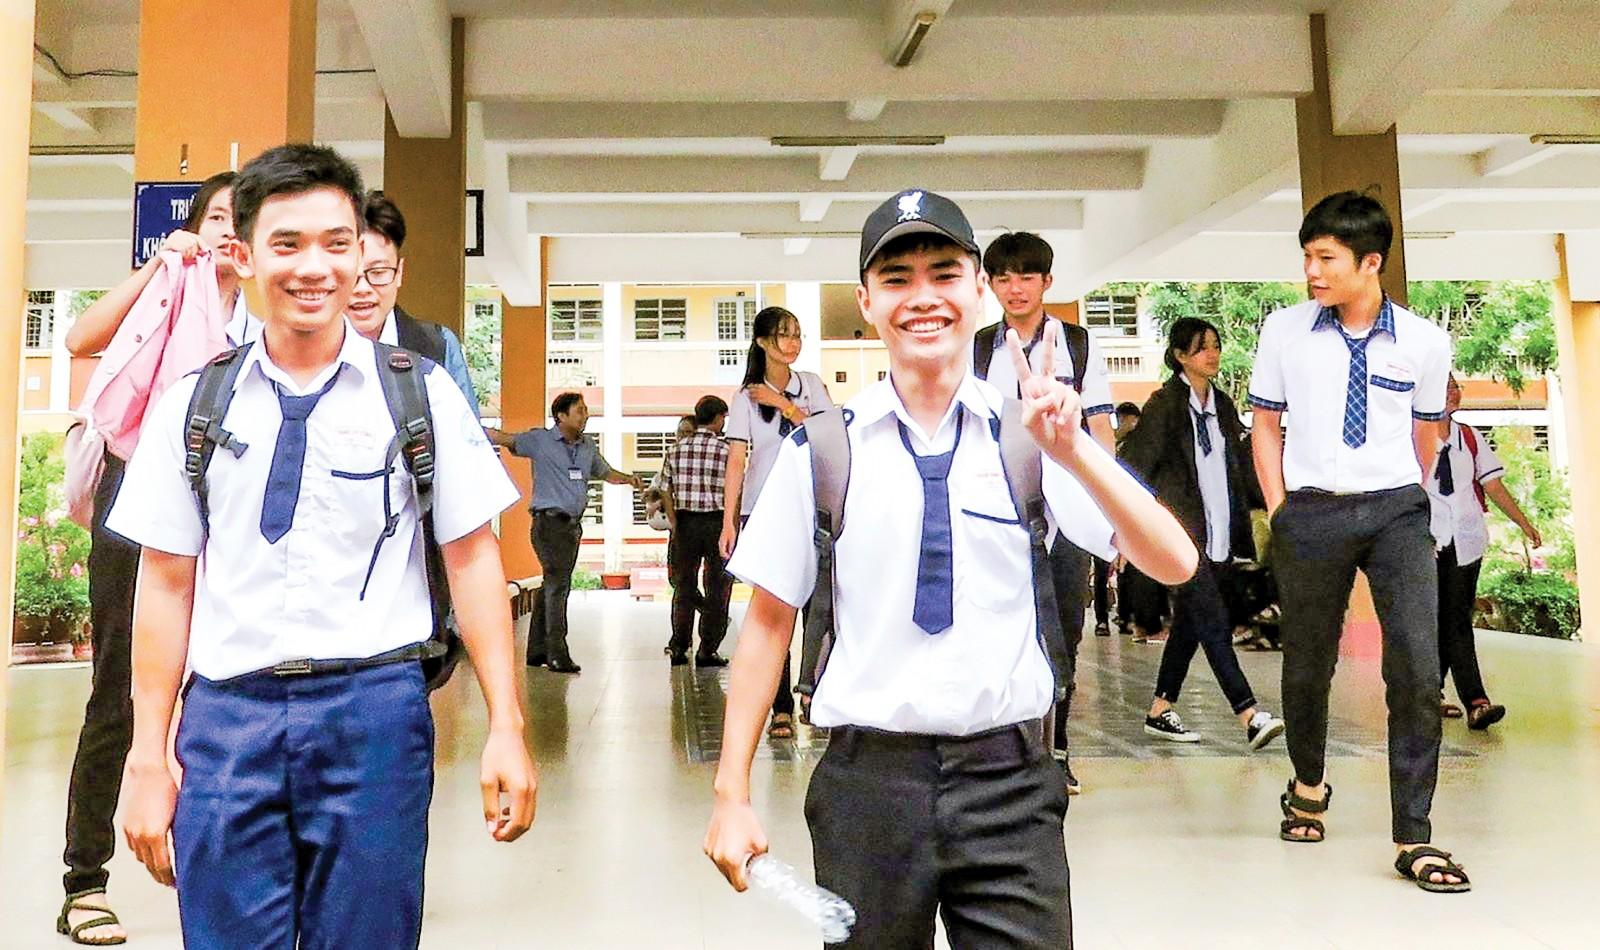 Thí sinh hớn hở ra về sau giờ thi bài thi tổ hợp Khoa học tự nhiên, tại điểm thi Trường THPT Thới Long, quận Ô Môn. Ảnh: B.NG